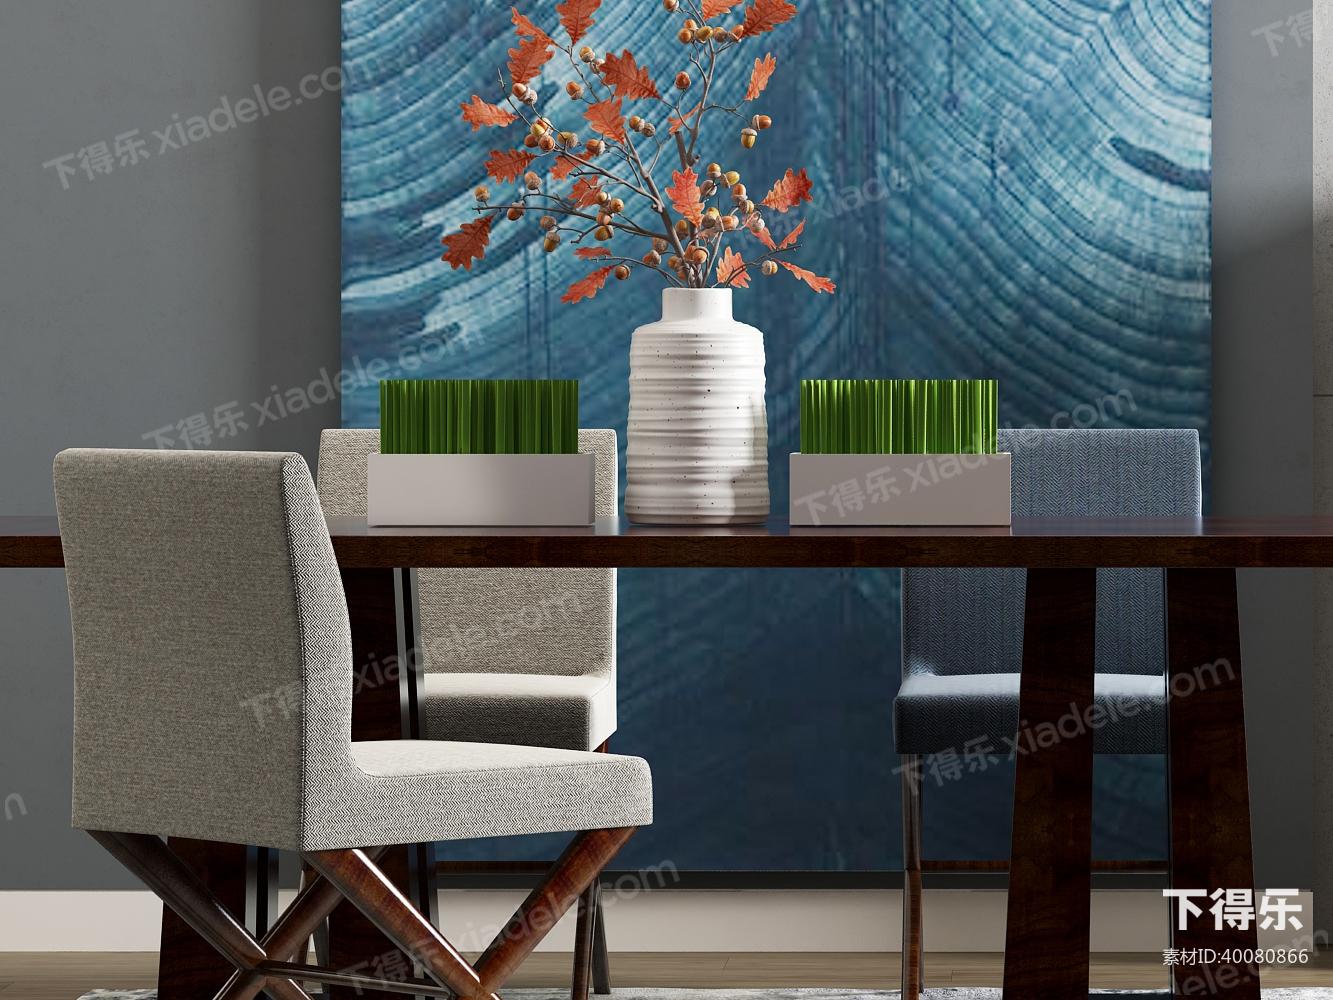 作品点评 技能练习 户型优化 创意设计  现代餐桌椅组合模型 素材id